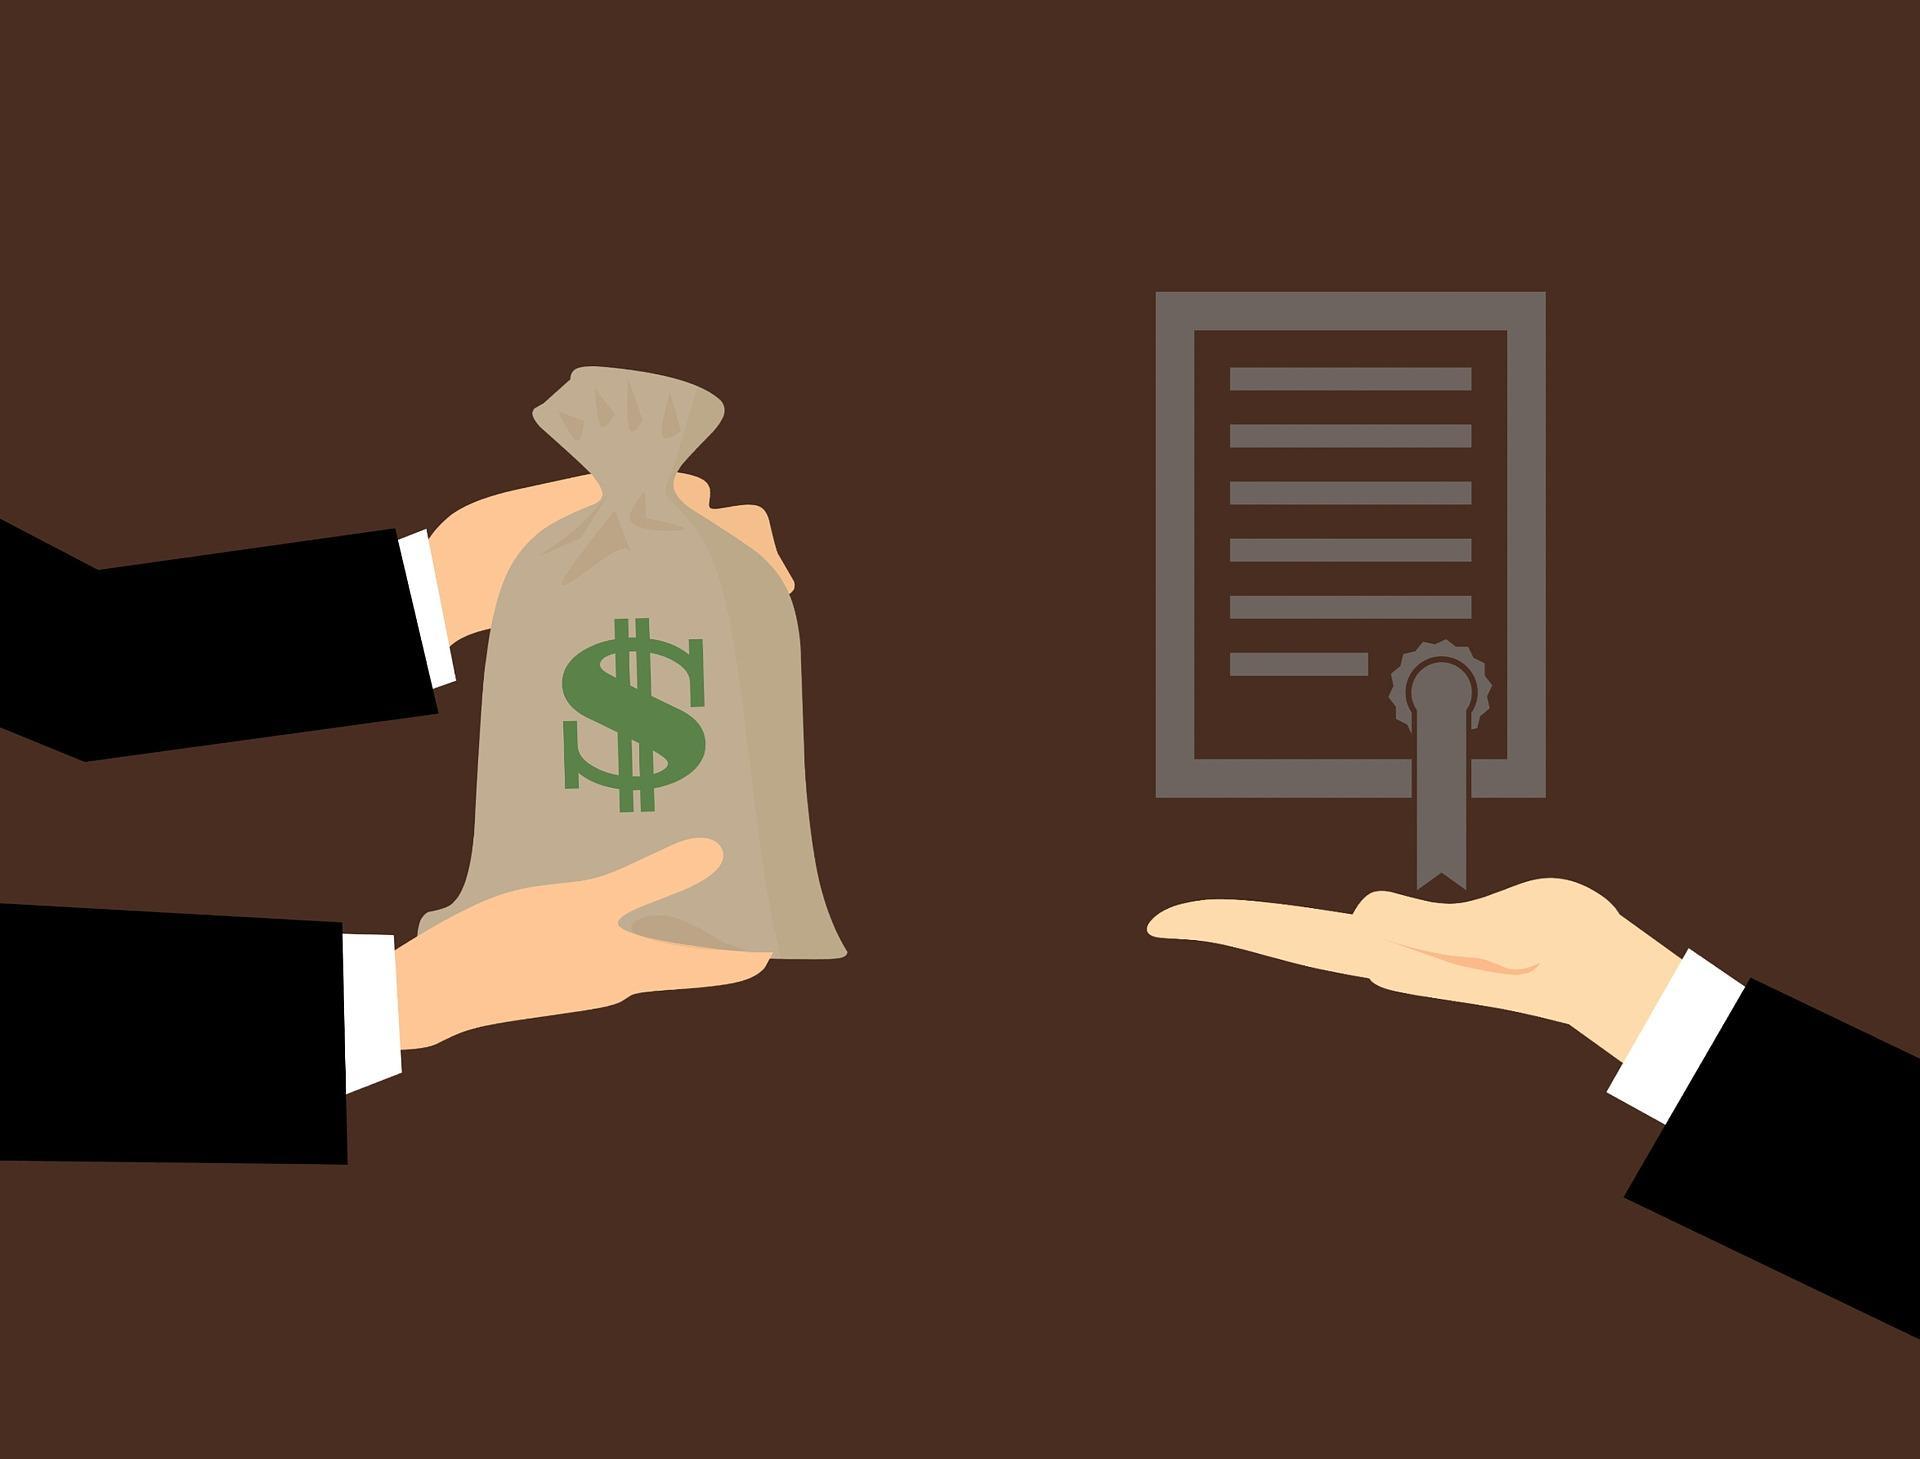 Umsatzsteuerfreiheit eines Hausnotrufsystems